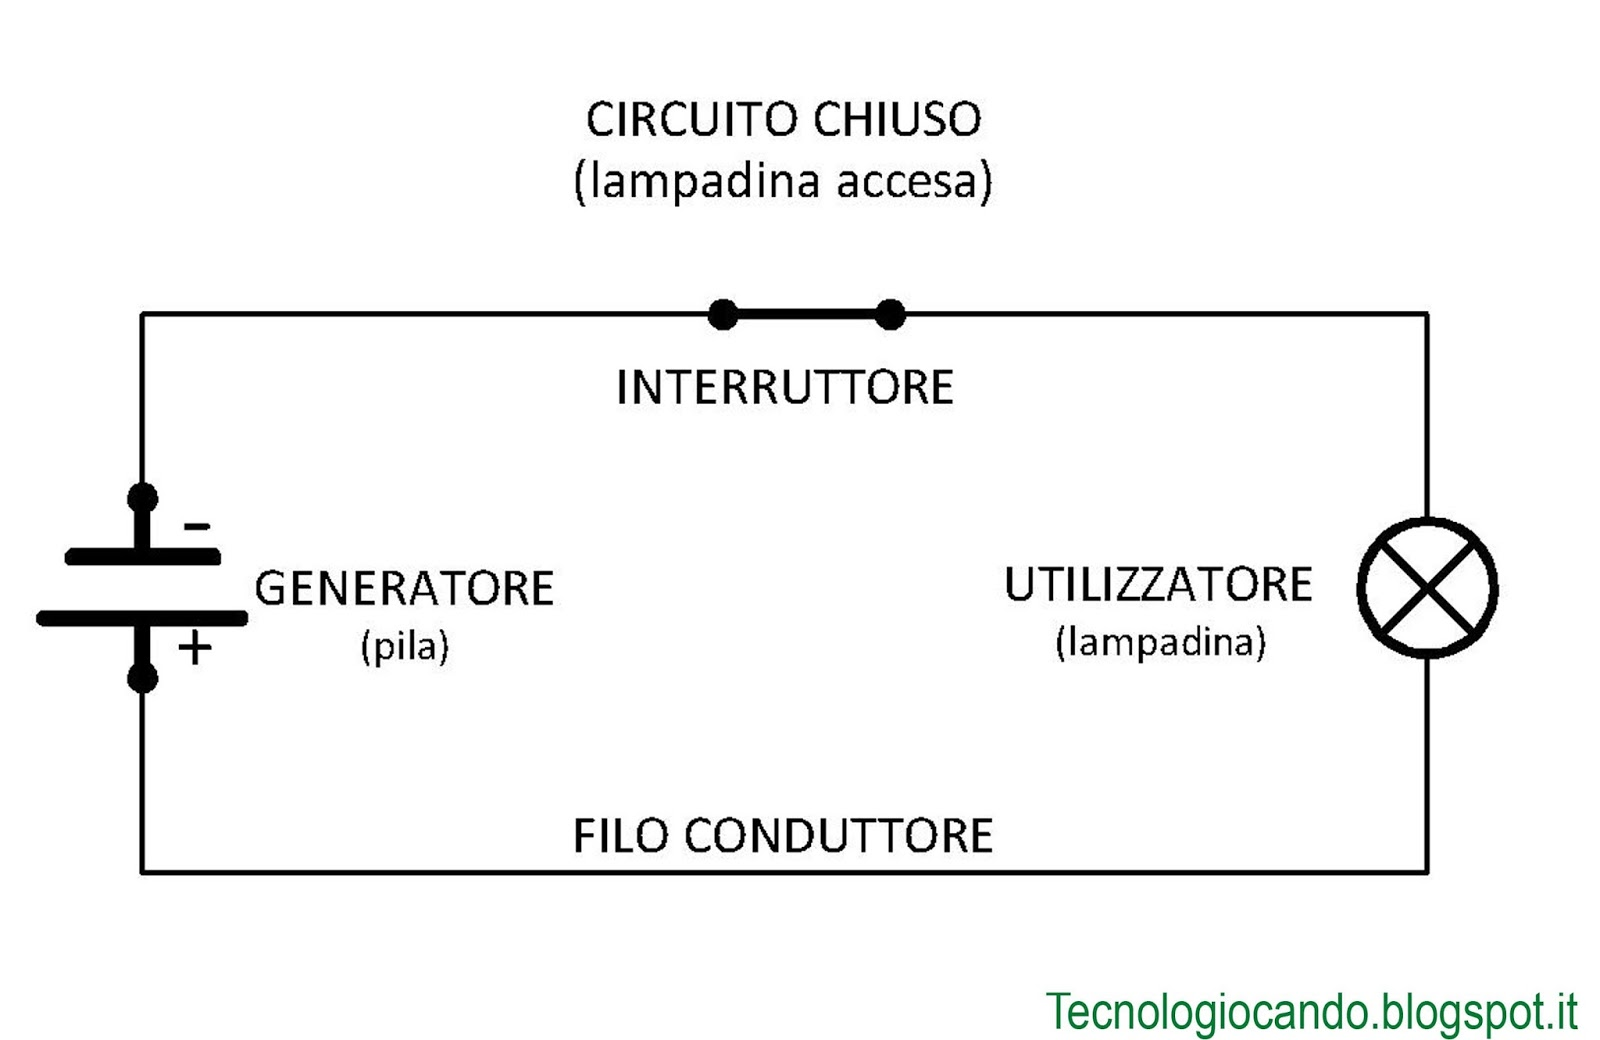 Schema Elettrico Per Interruttore : Schema elettrico per interruttore